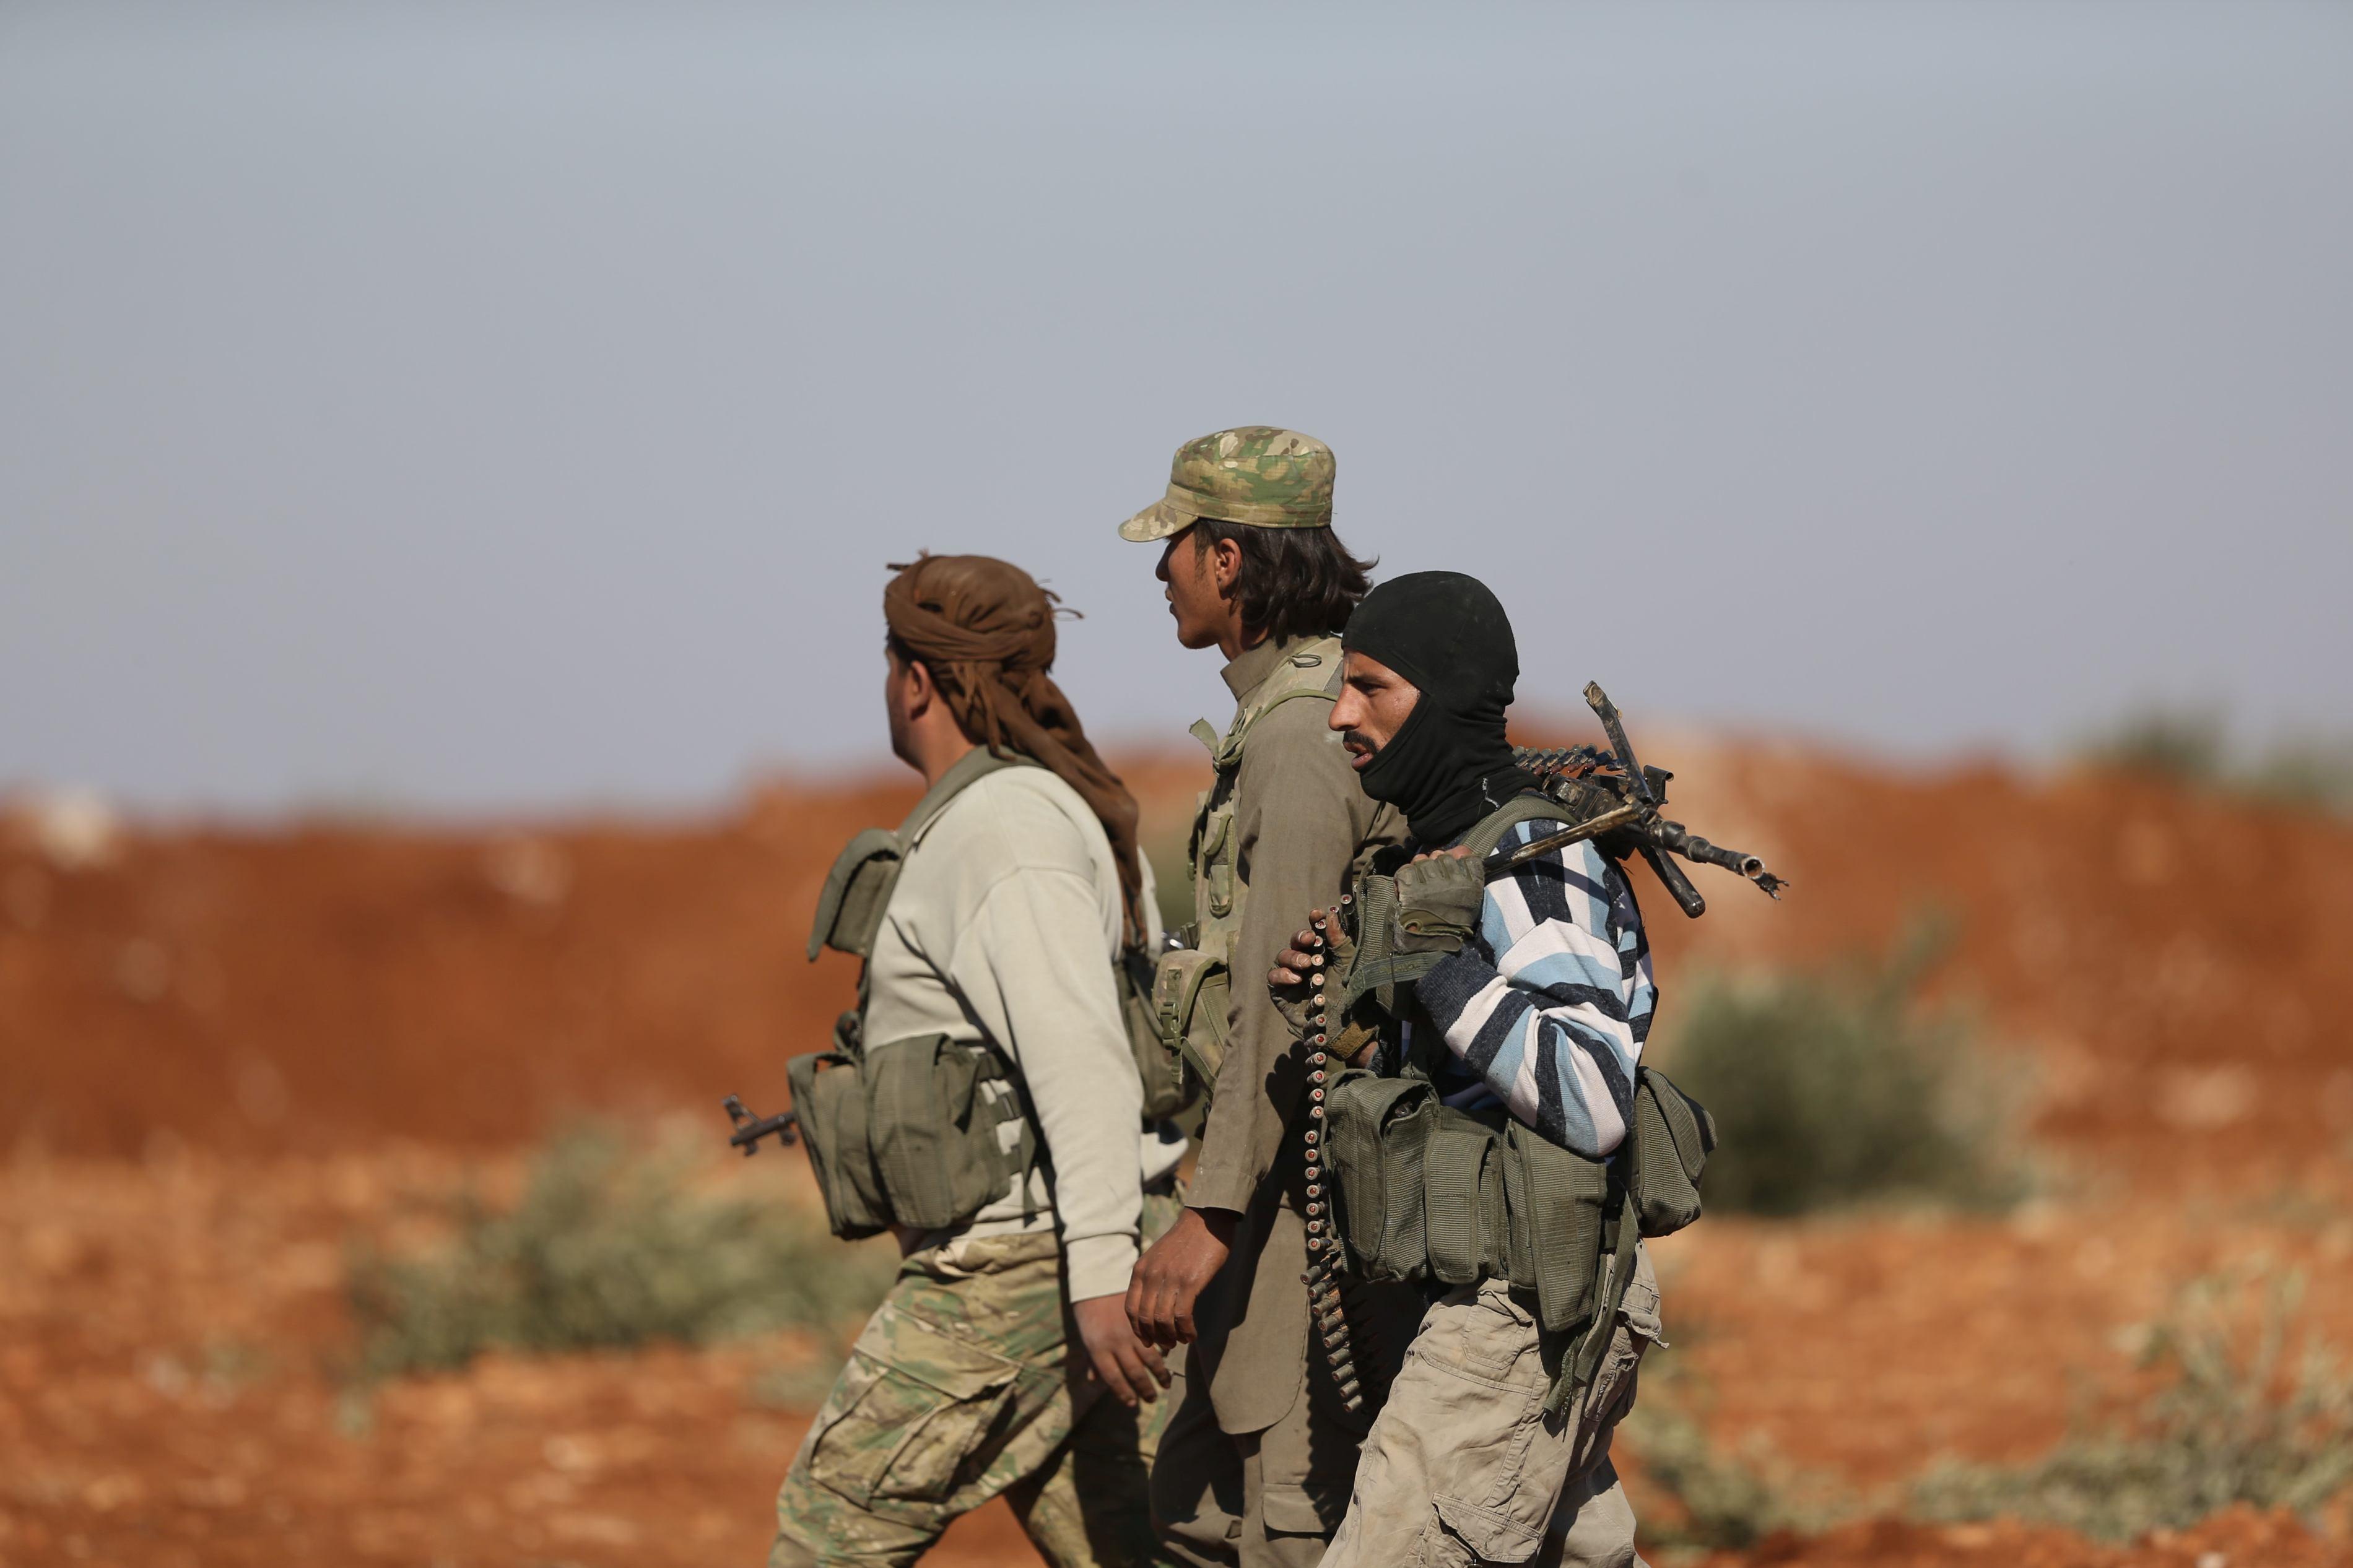 Statele Unite riscă pierderea singurului aliat din Siria dacă retrag suportul militar dat kurzilor